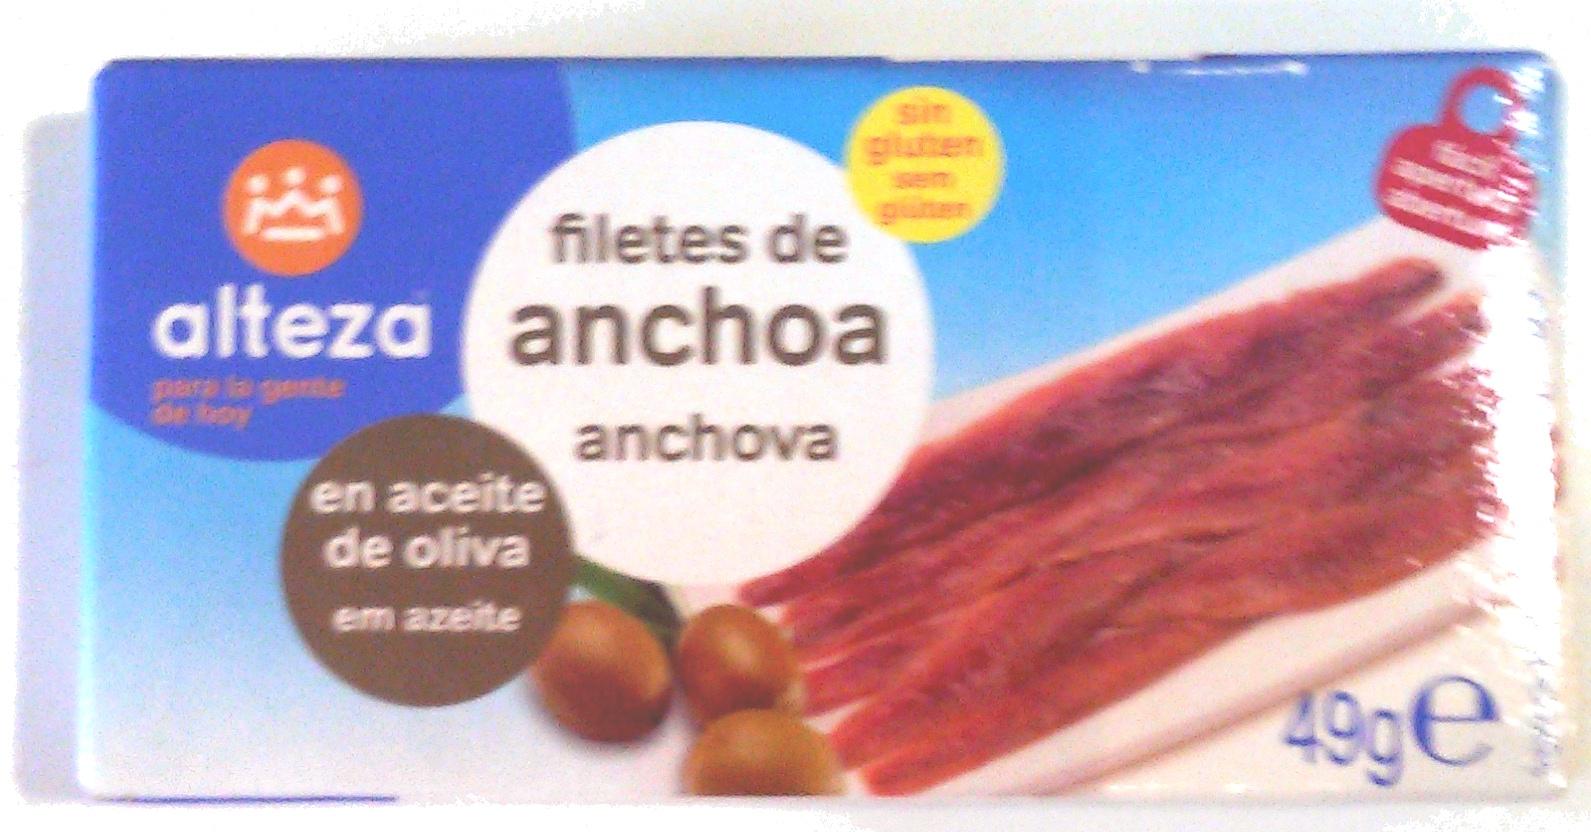 Filetes de anchoa en aceite de oliva - Producto